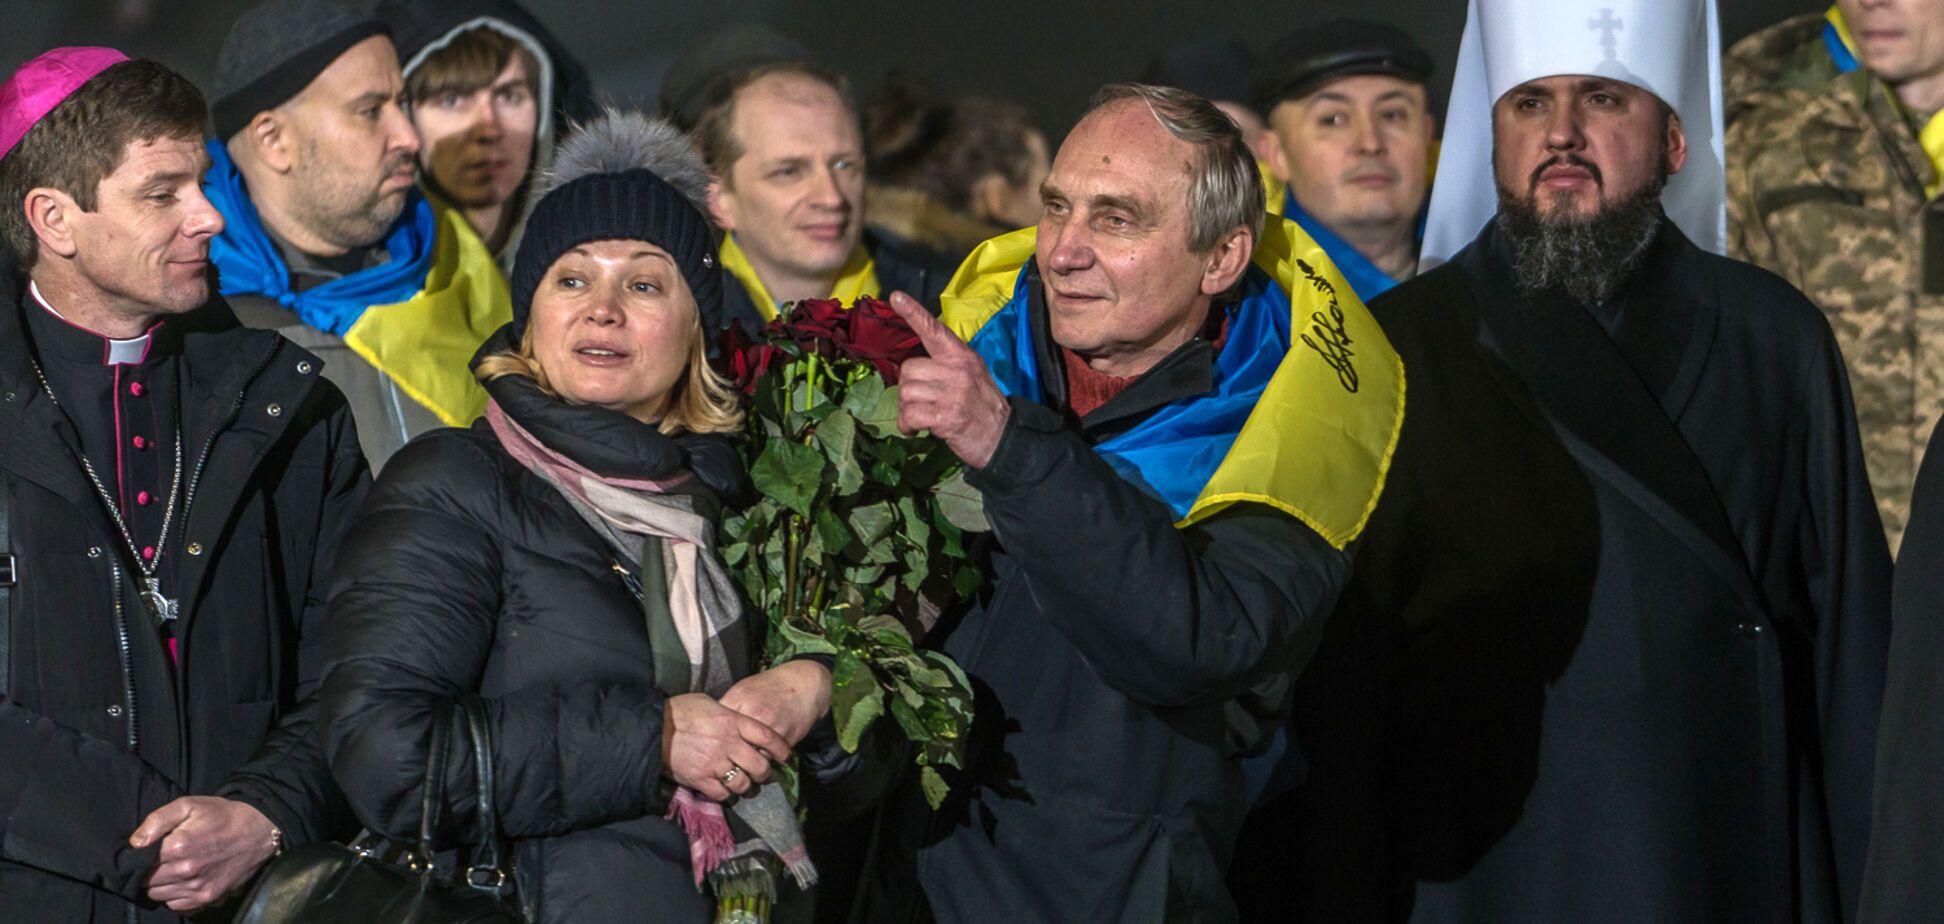 Пытали и убивали: освобожденный из 'ДНР' ученый рассказал о зверствах террористов против церкви